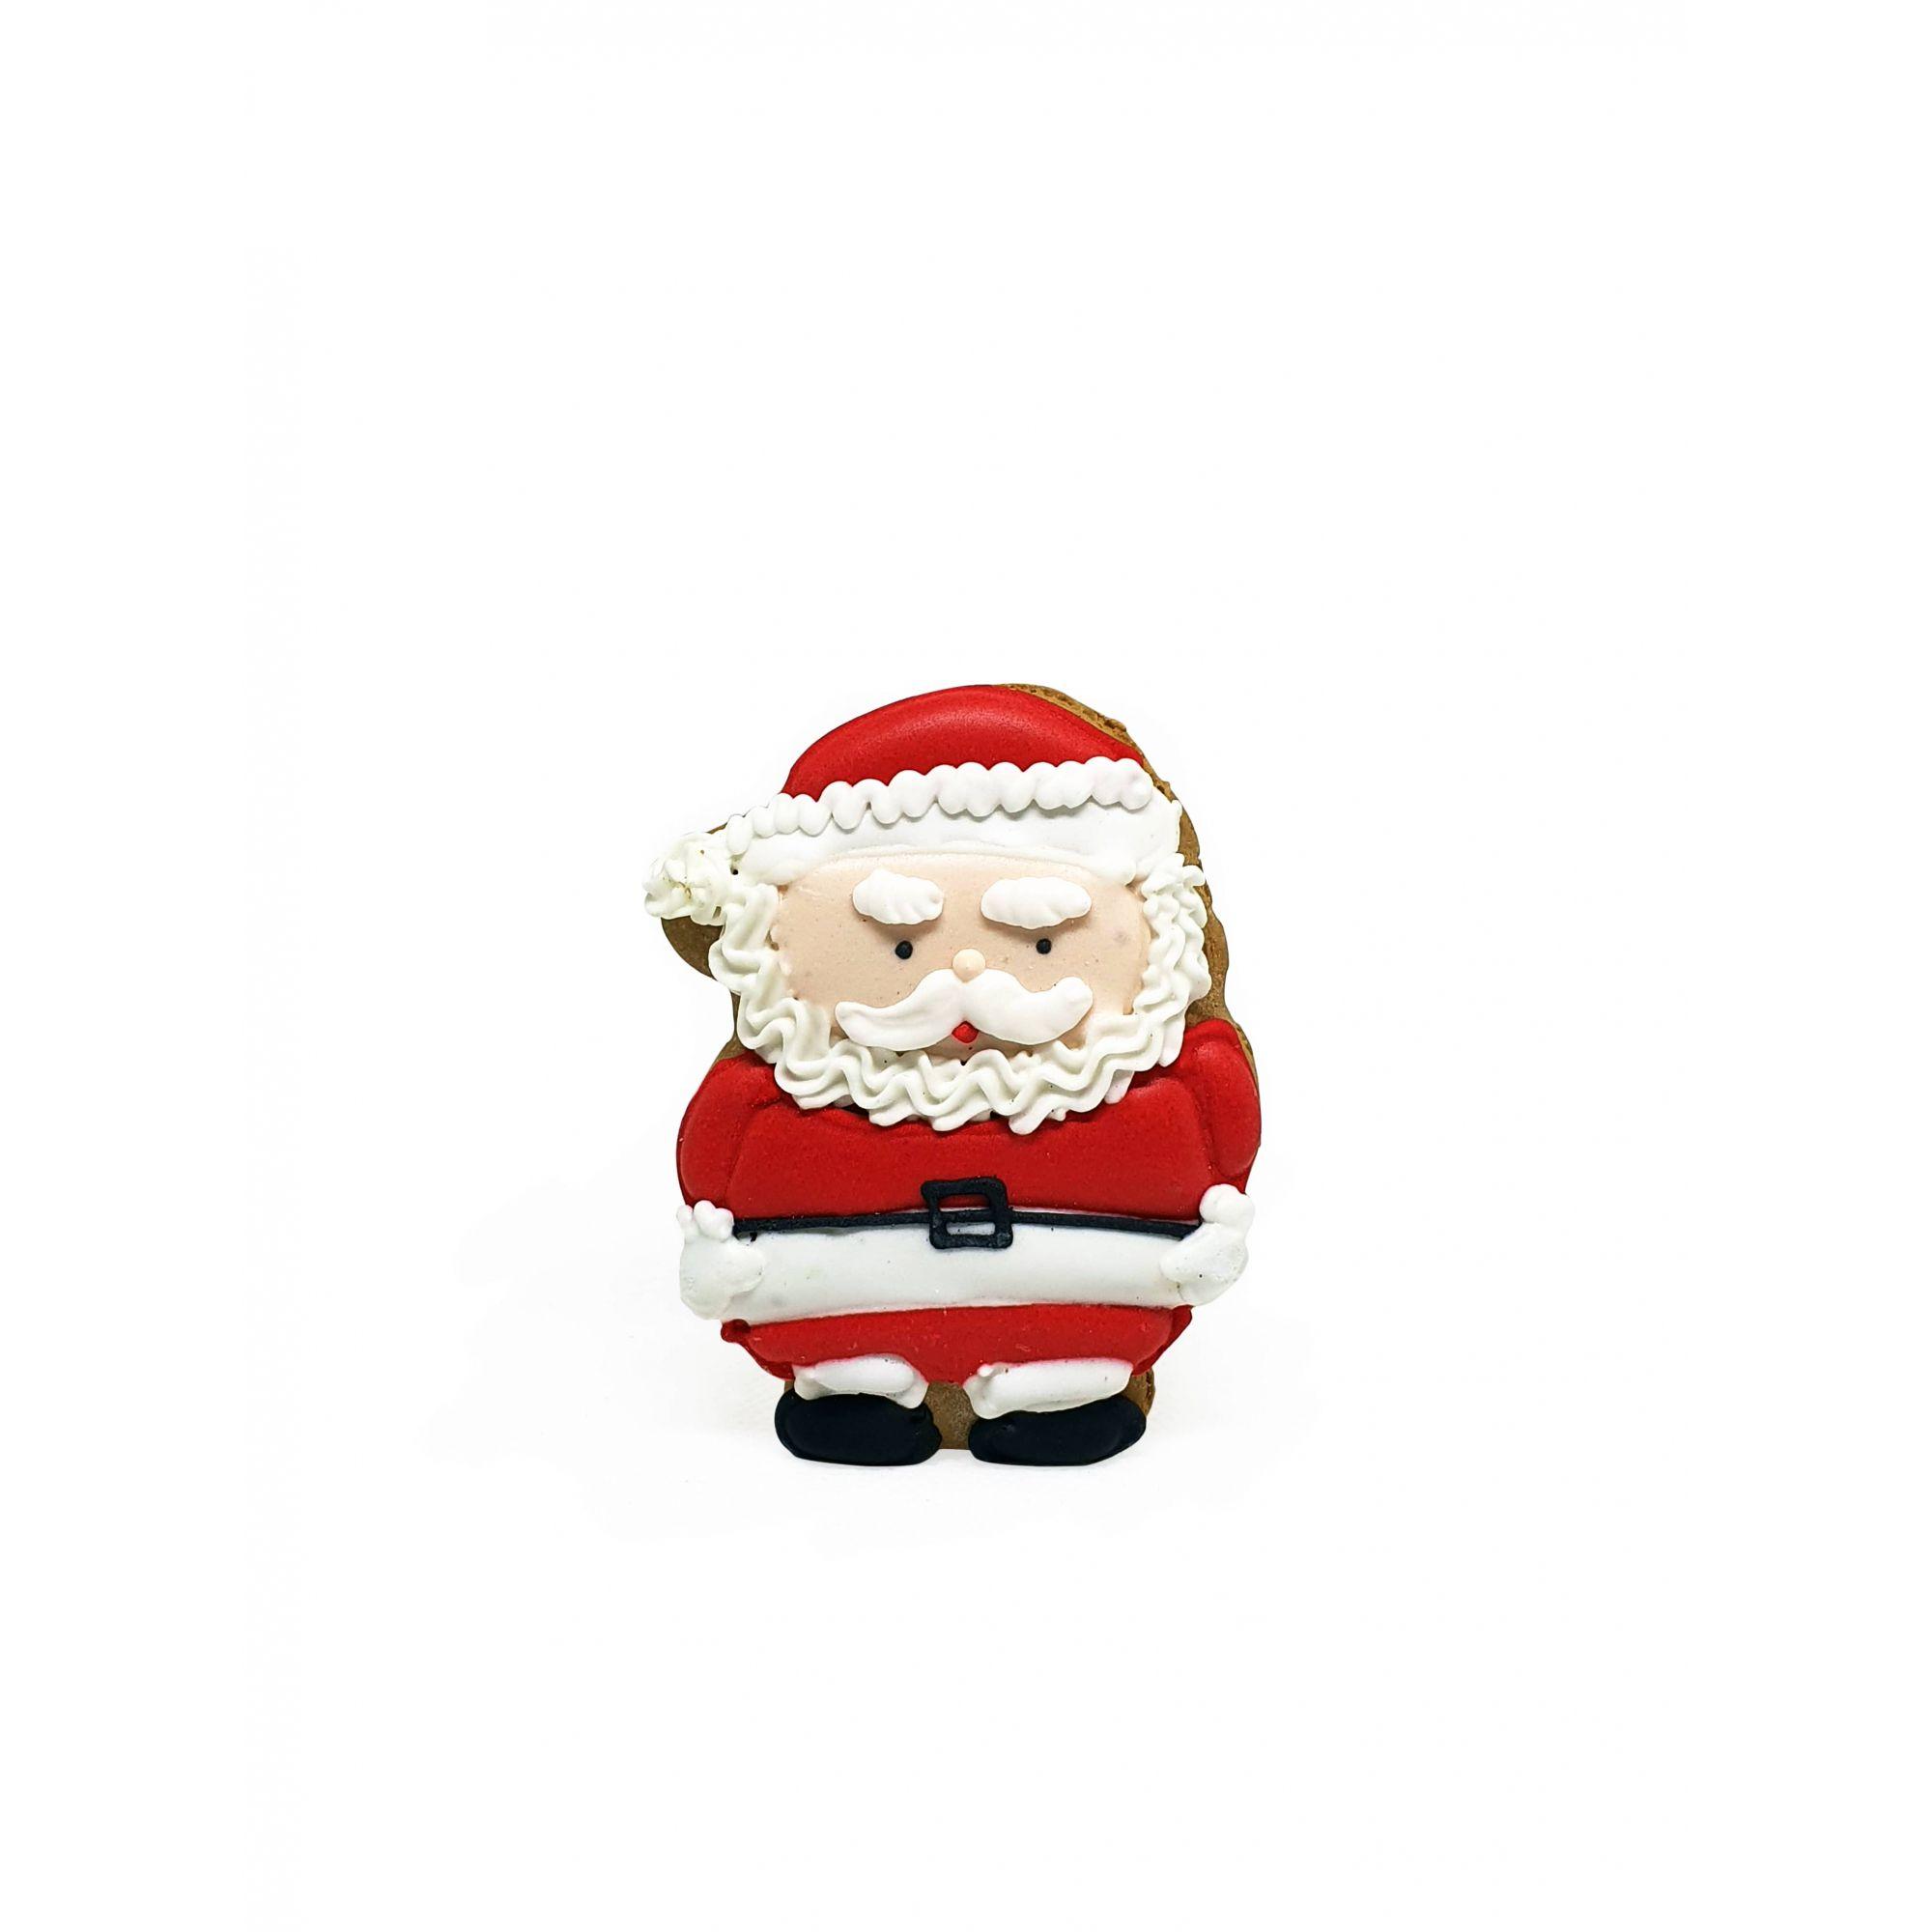 Decorado Papai Noel - 25g